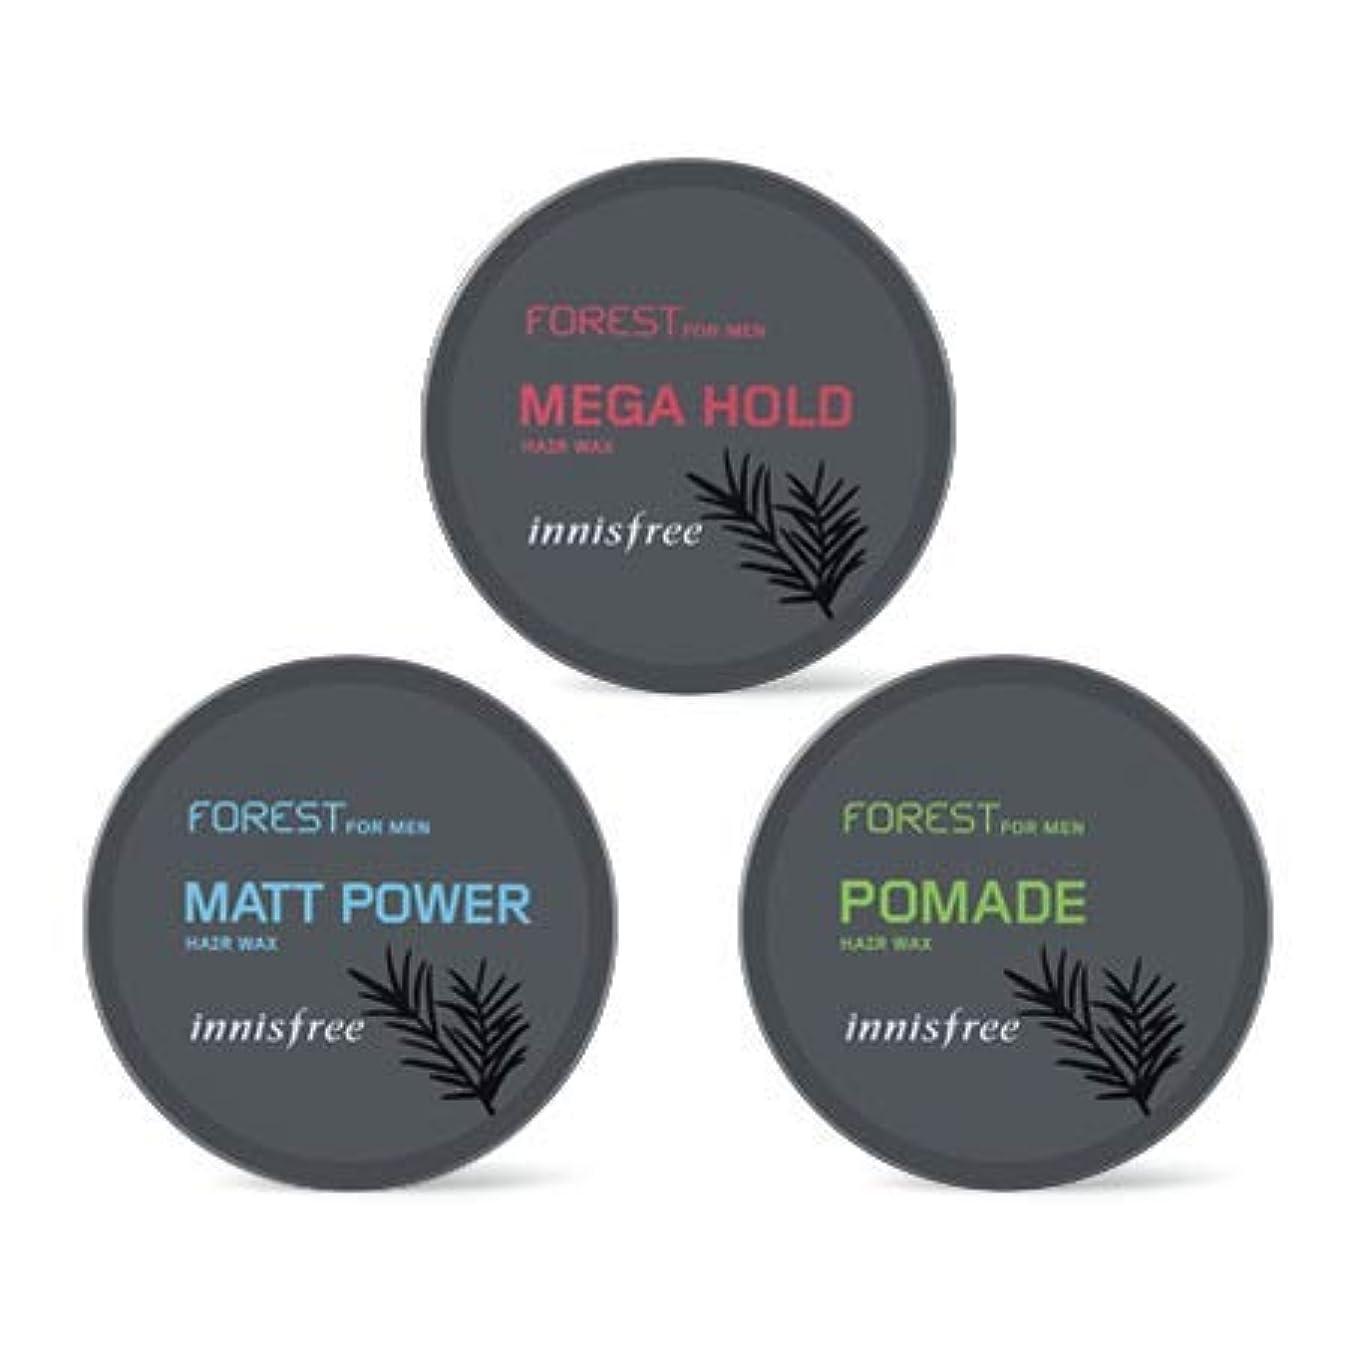 布公演しないでください[イニスフリー.INNISFREE](公式)フォレストフォアマンヘアワックス(3種)/ Forest For Men Hair Wax(60G、3 kind) (# pomade hair wax)